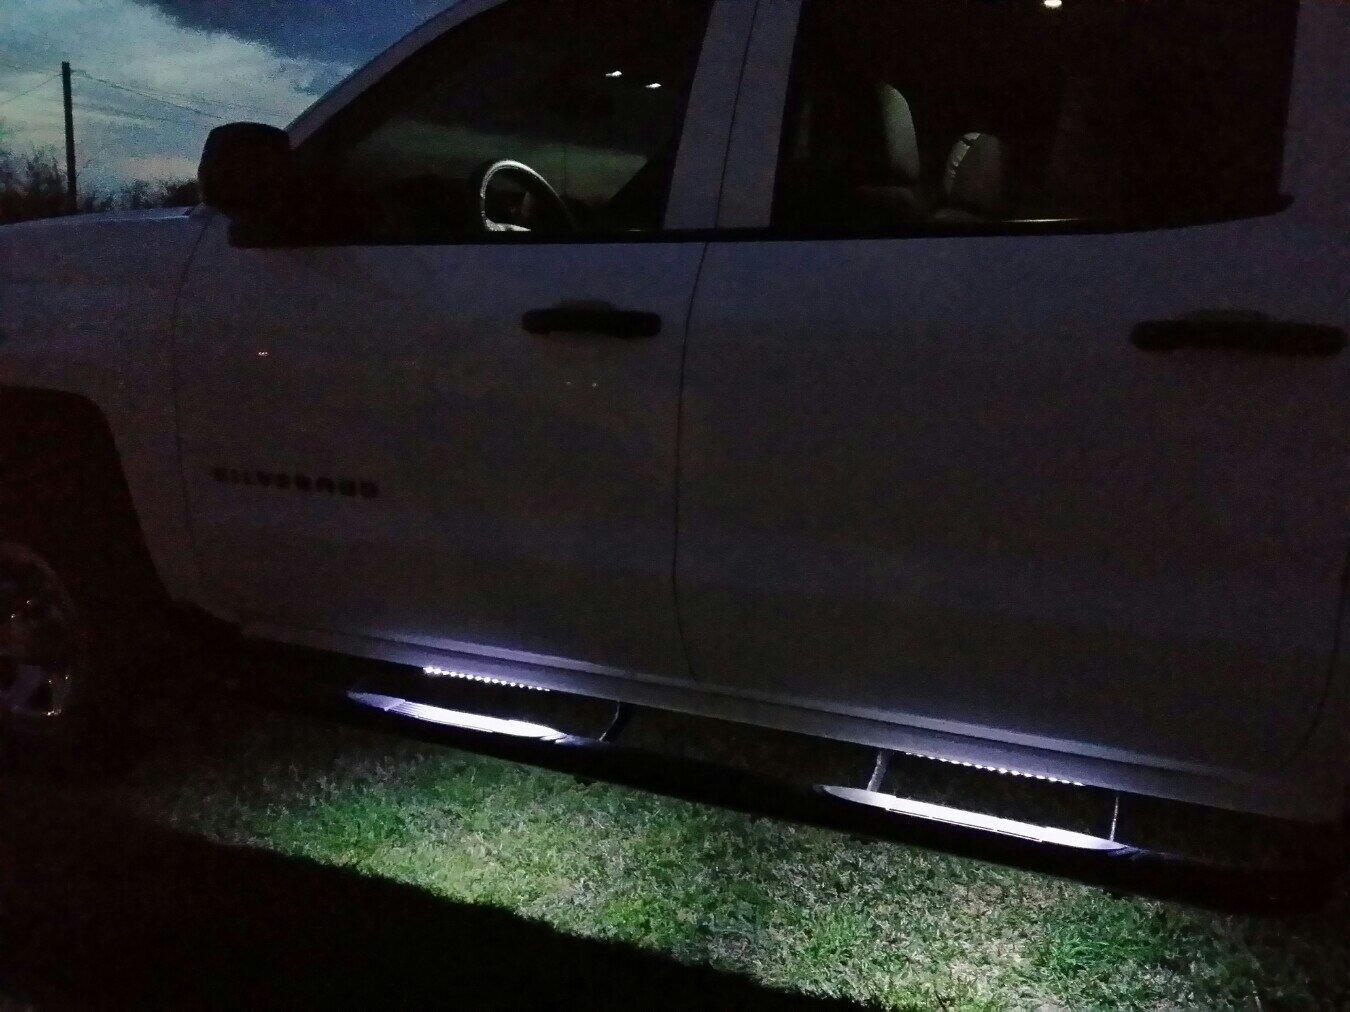 Adding Interior Lighting Fuse 2014 2018 Silverado Sierra Mods 2013 Gmc Diagram Vu8yruja Qy5a3azu